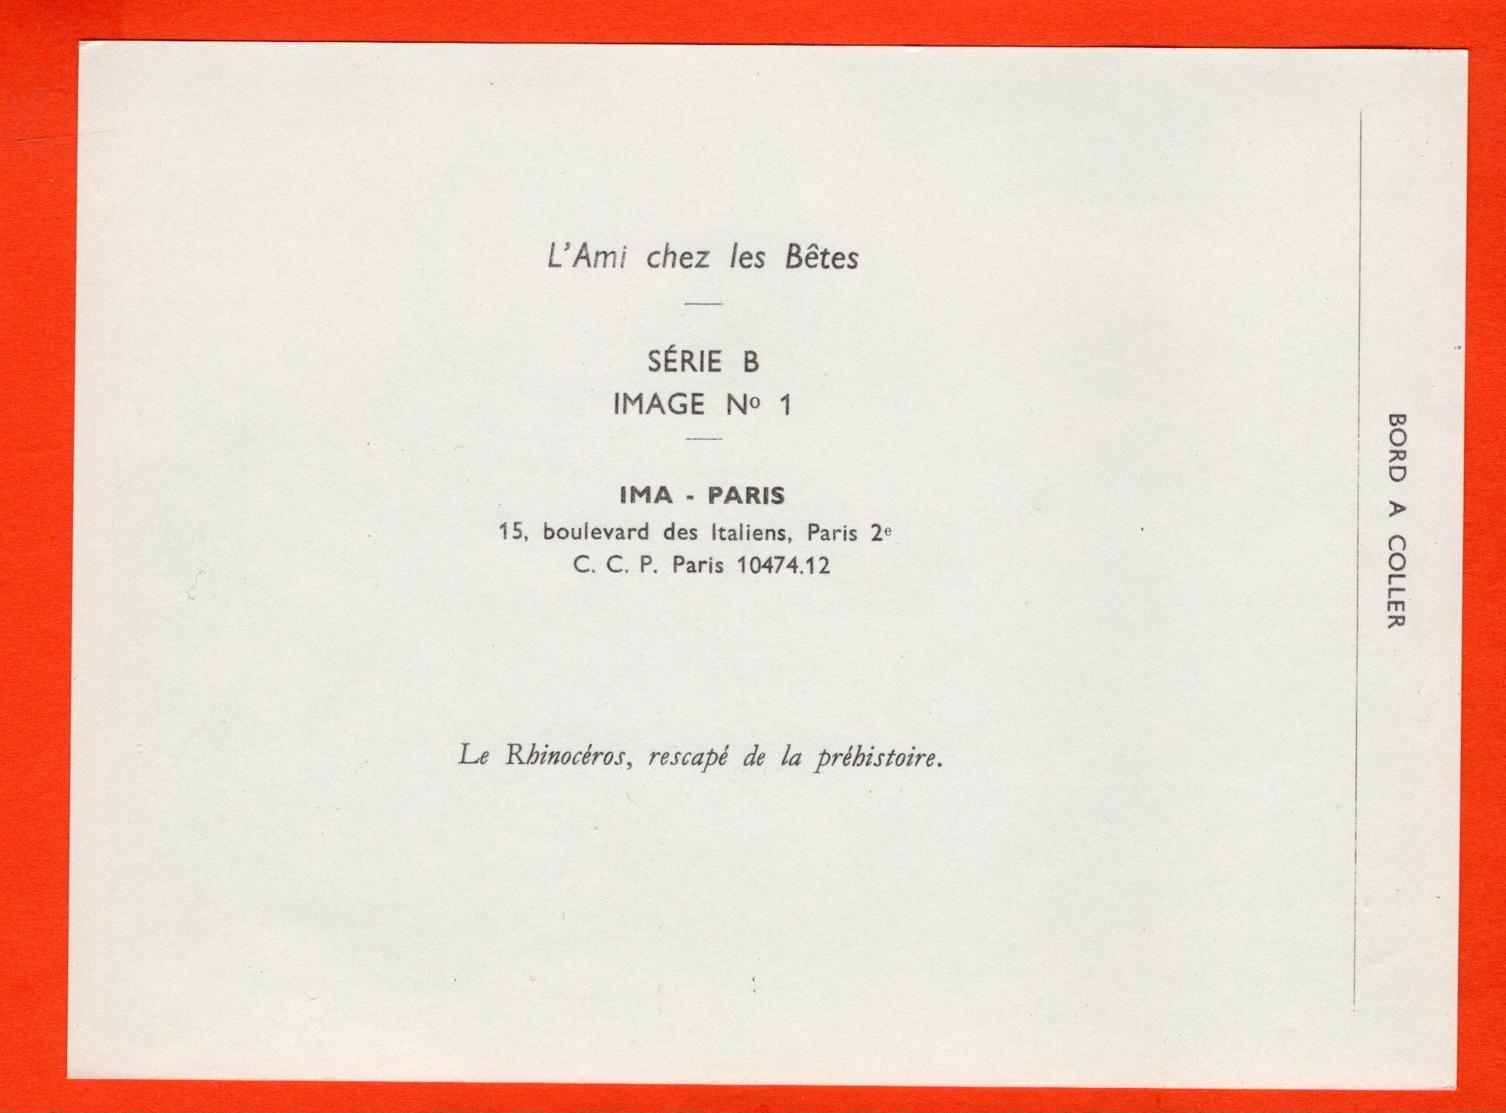 GRANDE IMAGE POUR ALBUM (12 X 16 Cm)  - L'AMI CHEZ LES BÊTES - IMA - LE RHINOCÉROS - Otros